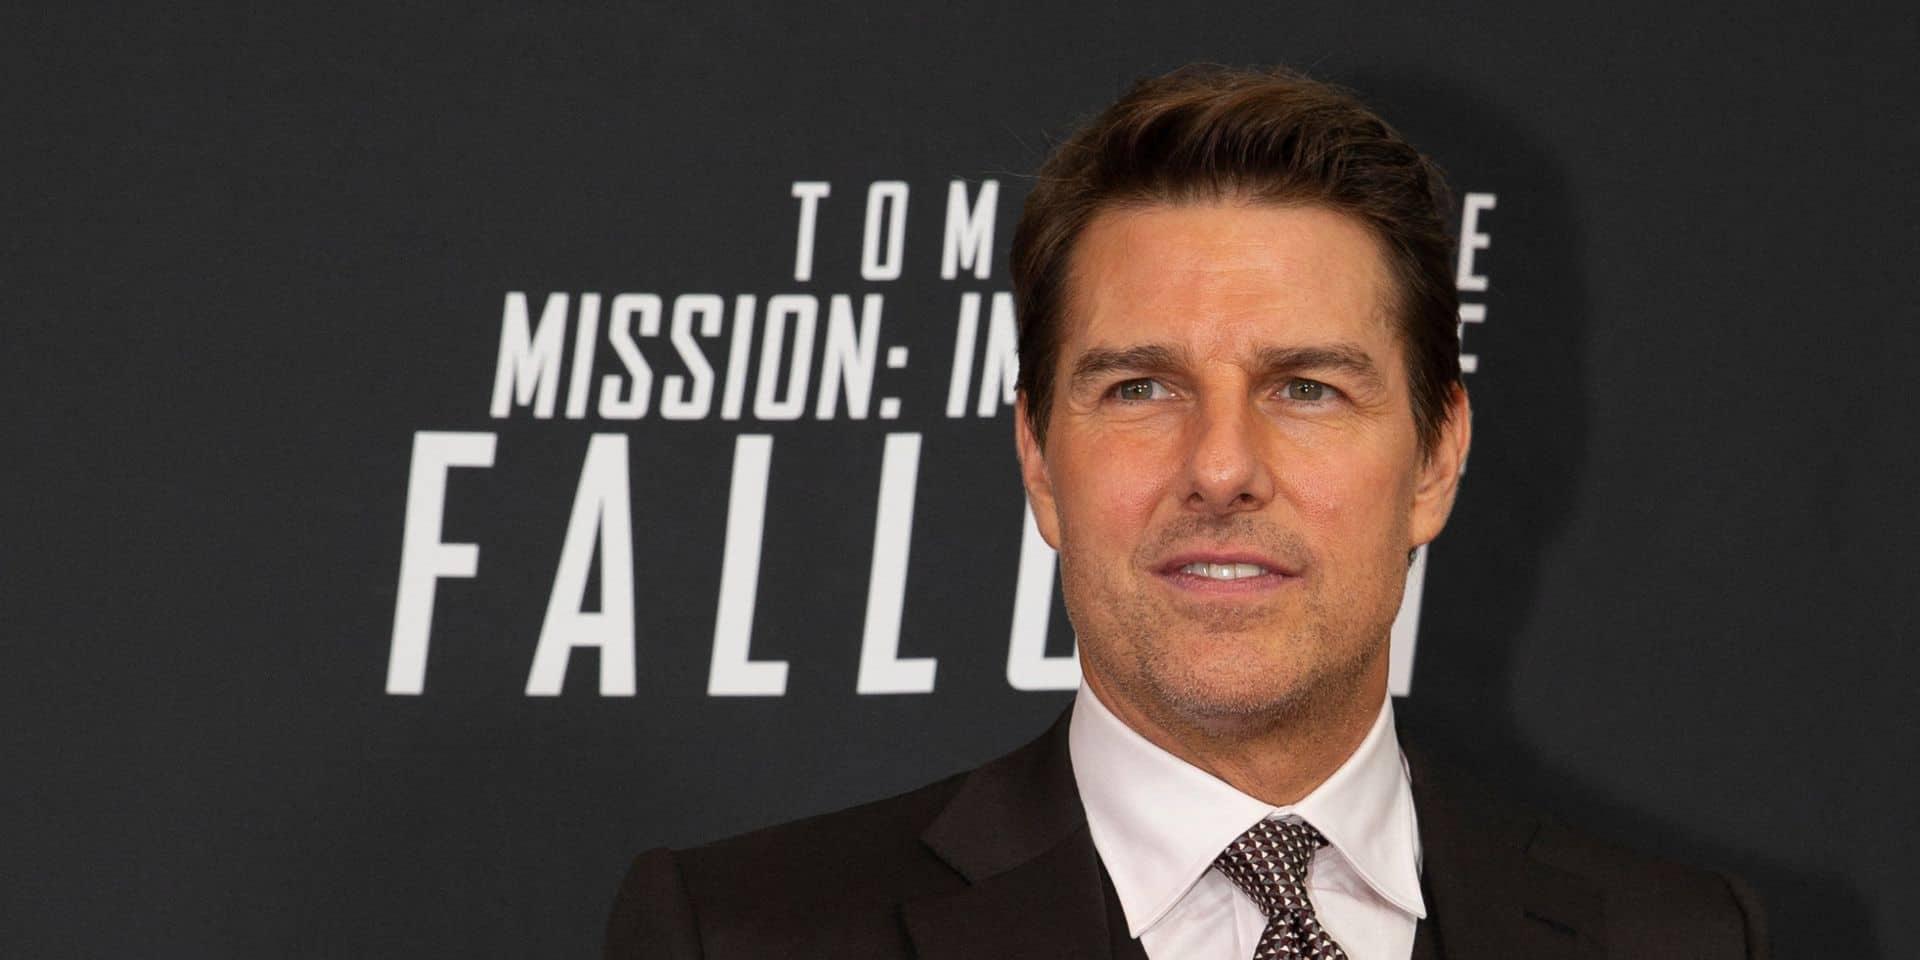 """""""Qu'a-t-il fait ?"""": Le visage gonflé de Tom Cruise inquiète les internautes"""